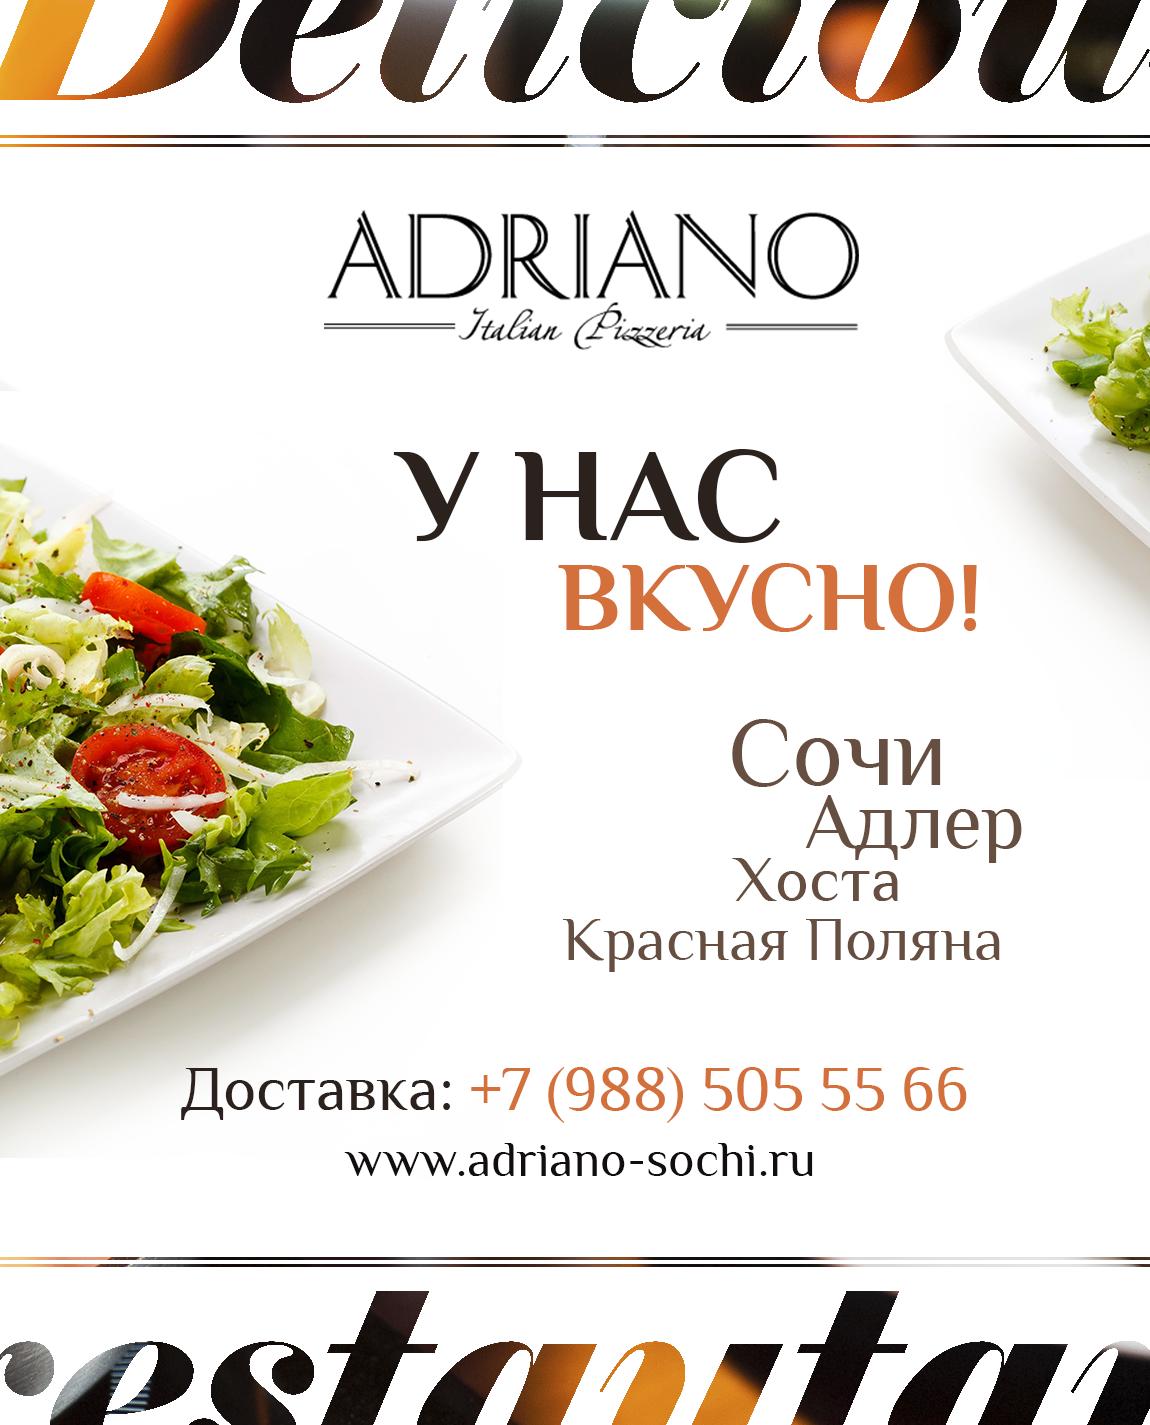 реклама картинки ресторана для